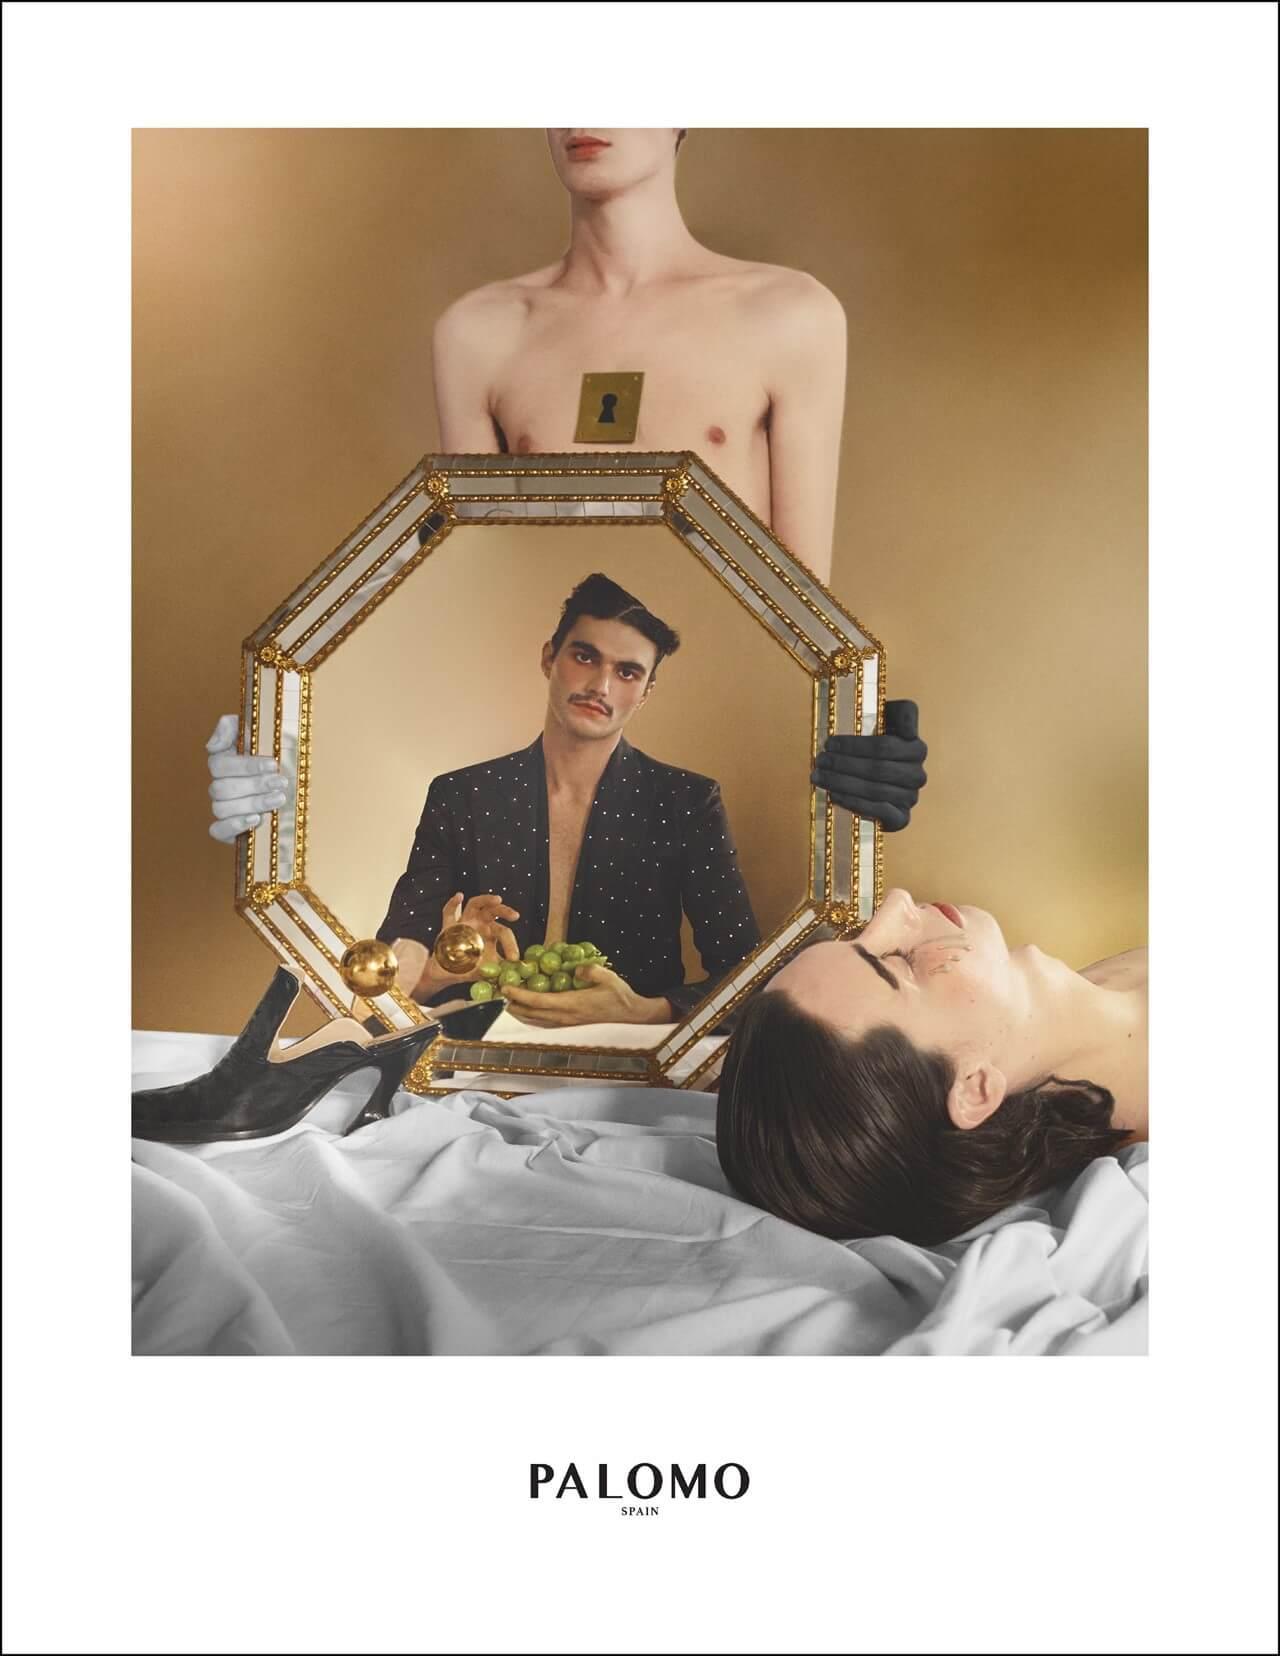 El nuevo lookbook de Palomo Spain es un sueño andrógino y surrealista inspirado en el renacimiento